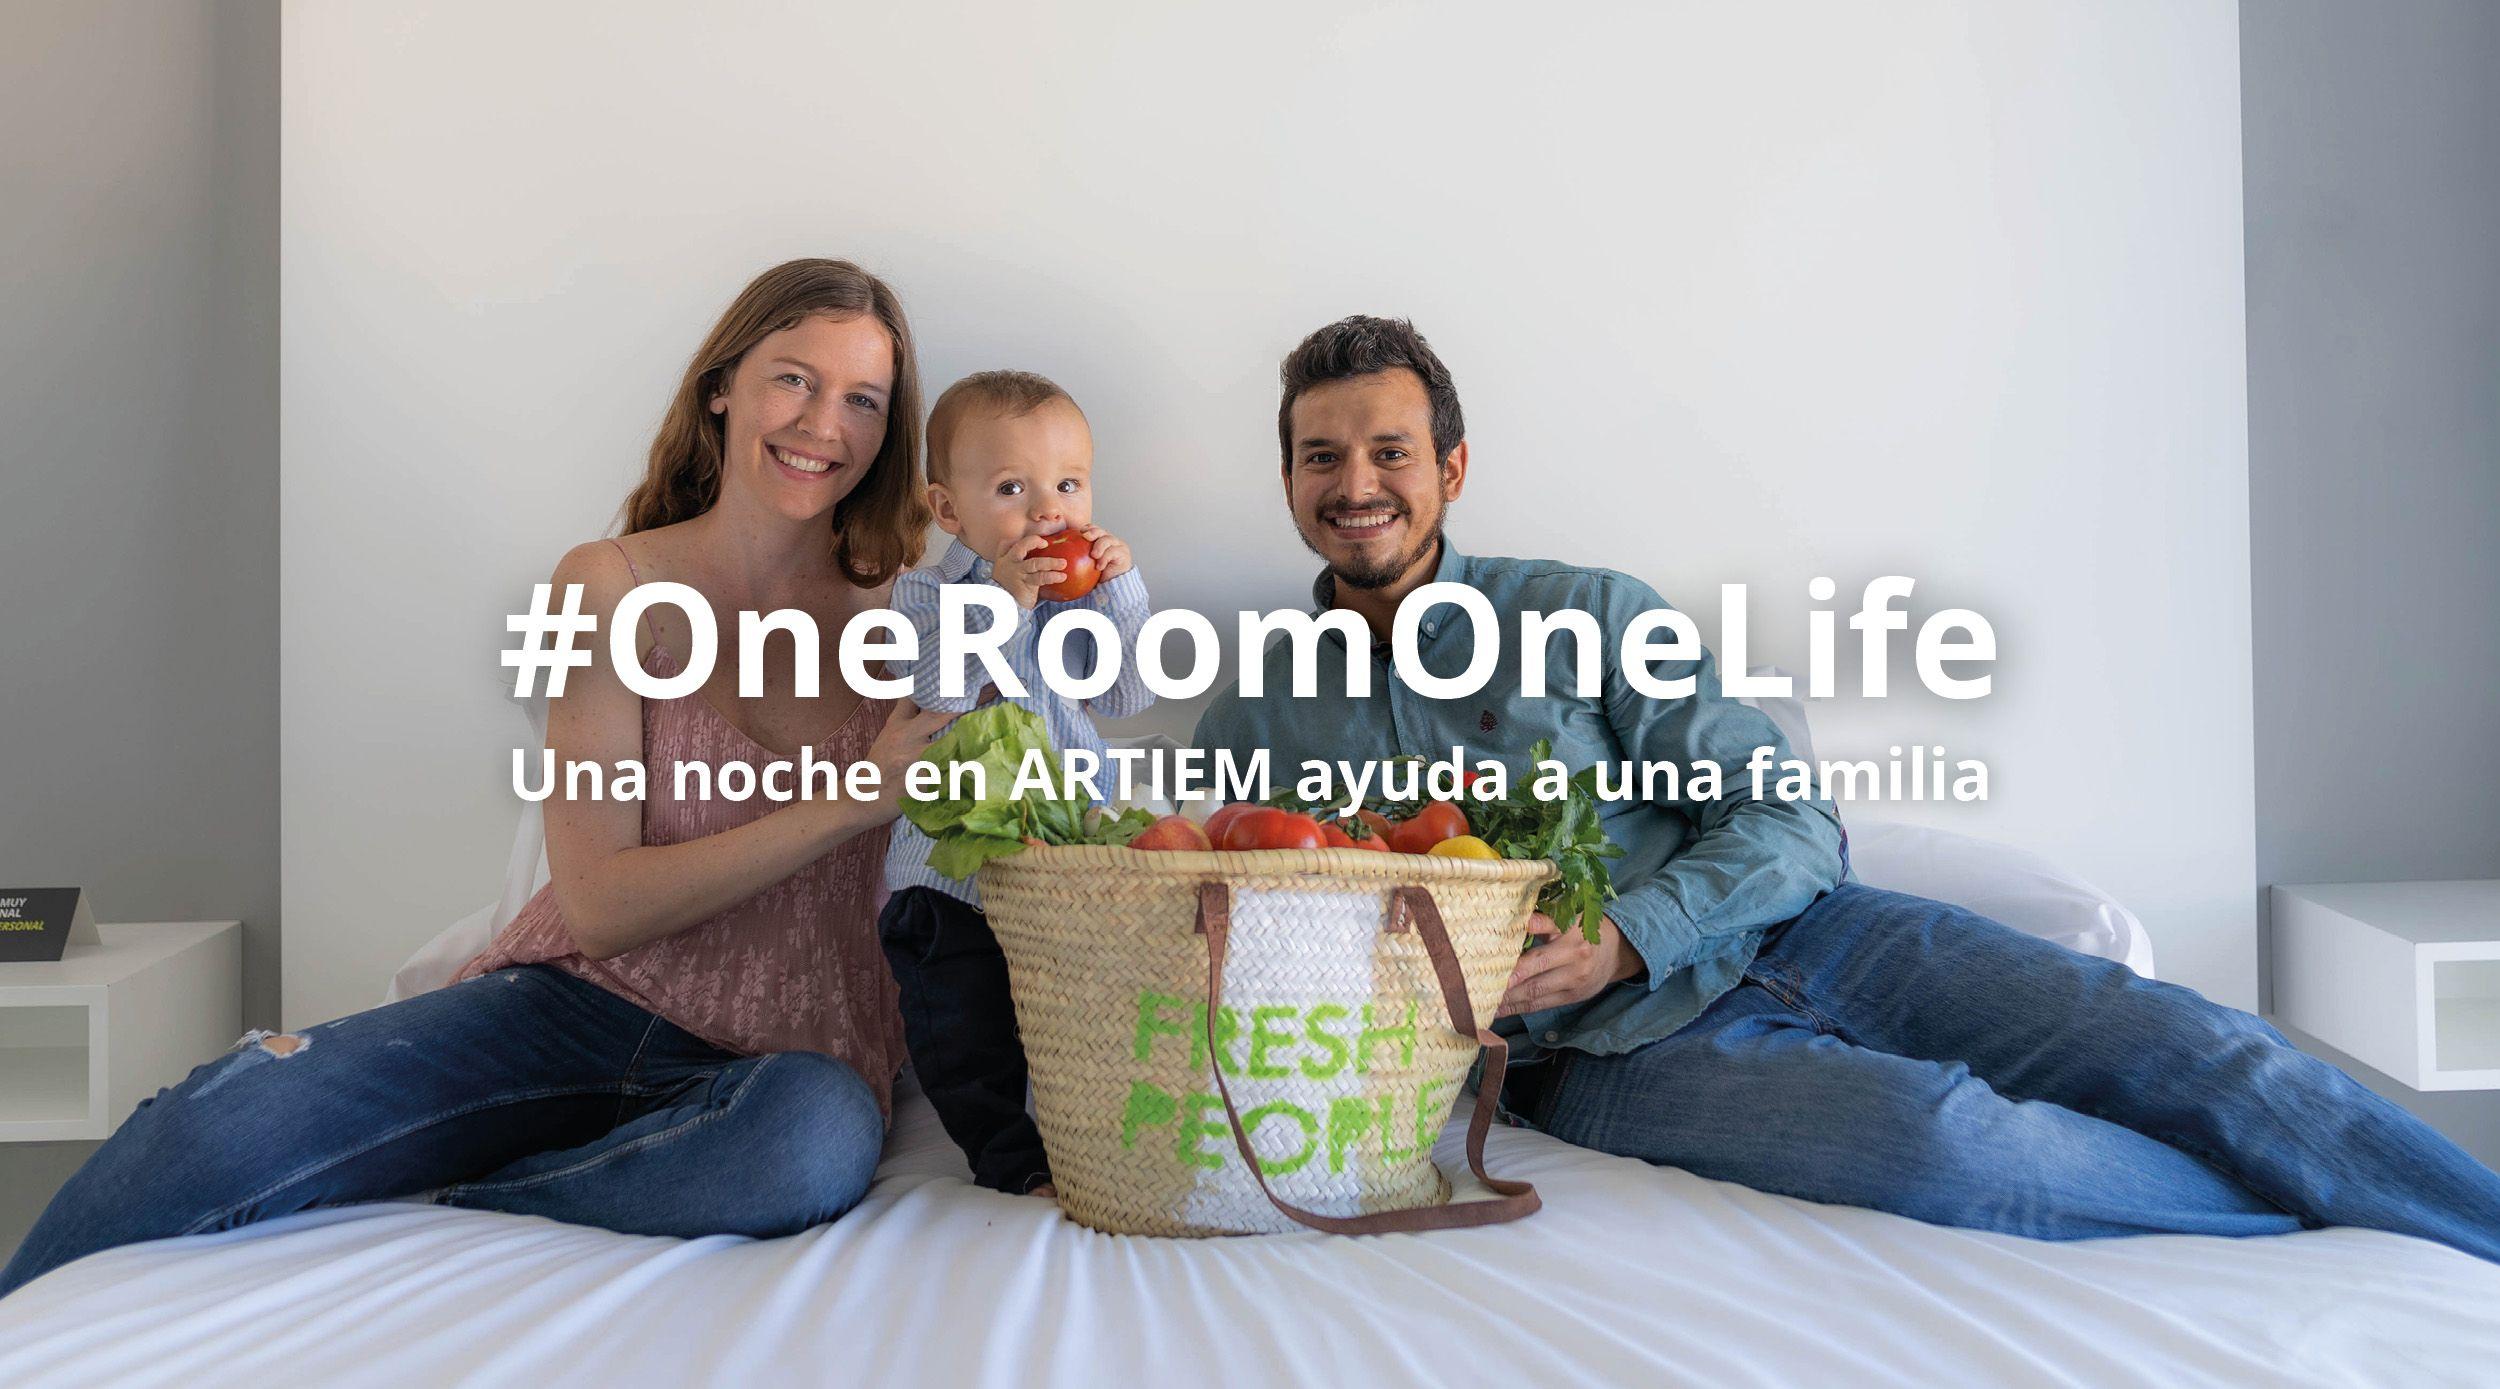 #OneRoomOneLife, una noche en ARTIEM ayuda a una familia